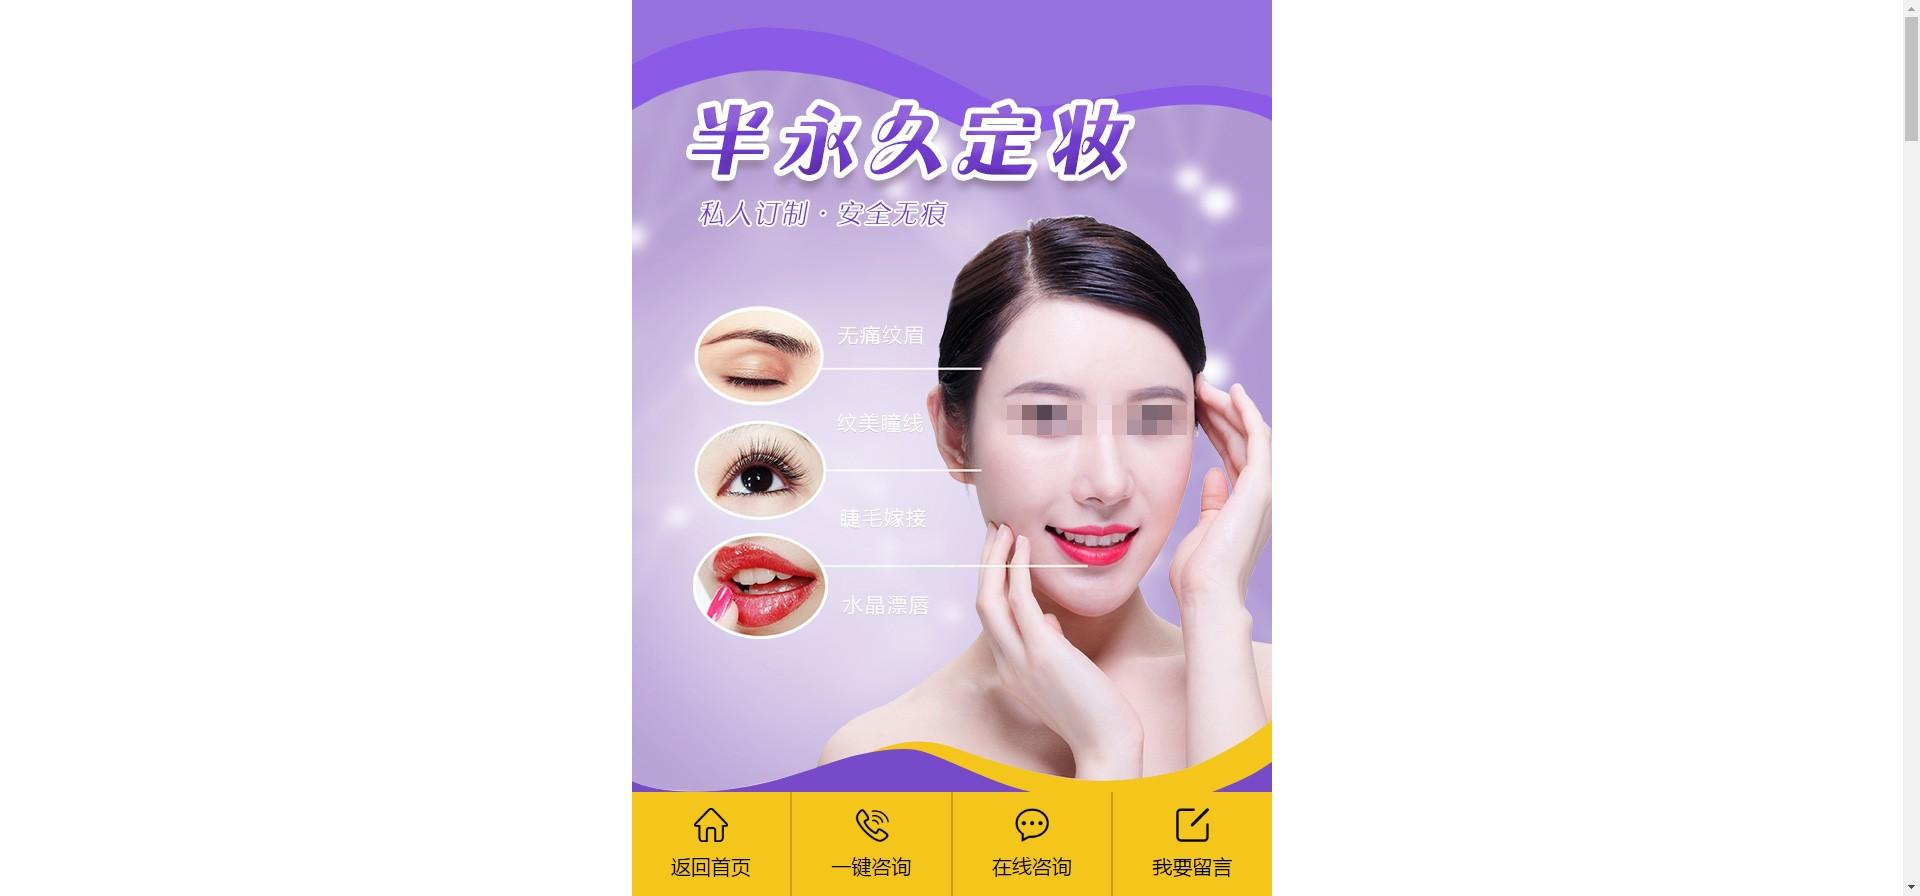 医疗美容模板(单手机端)